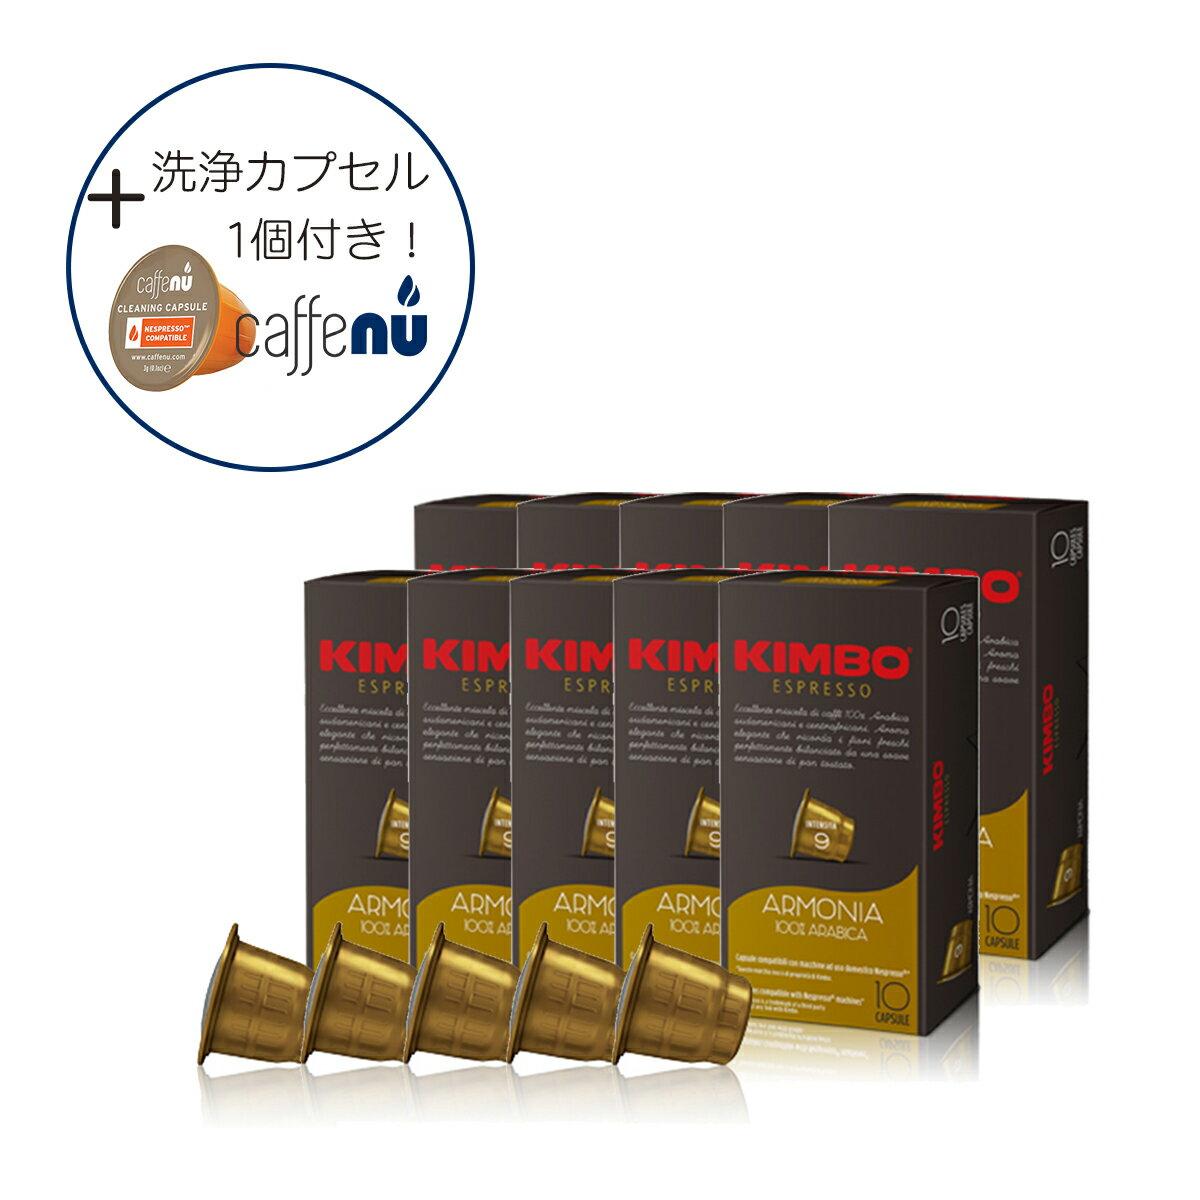 ネスプレッソ カプセル 互換 キンボ kimbo コーヒー アルモニア 1箱 10 カプセル 10箱 合計 100 カプセル 送料無料